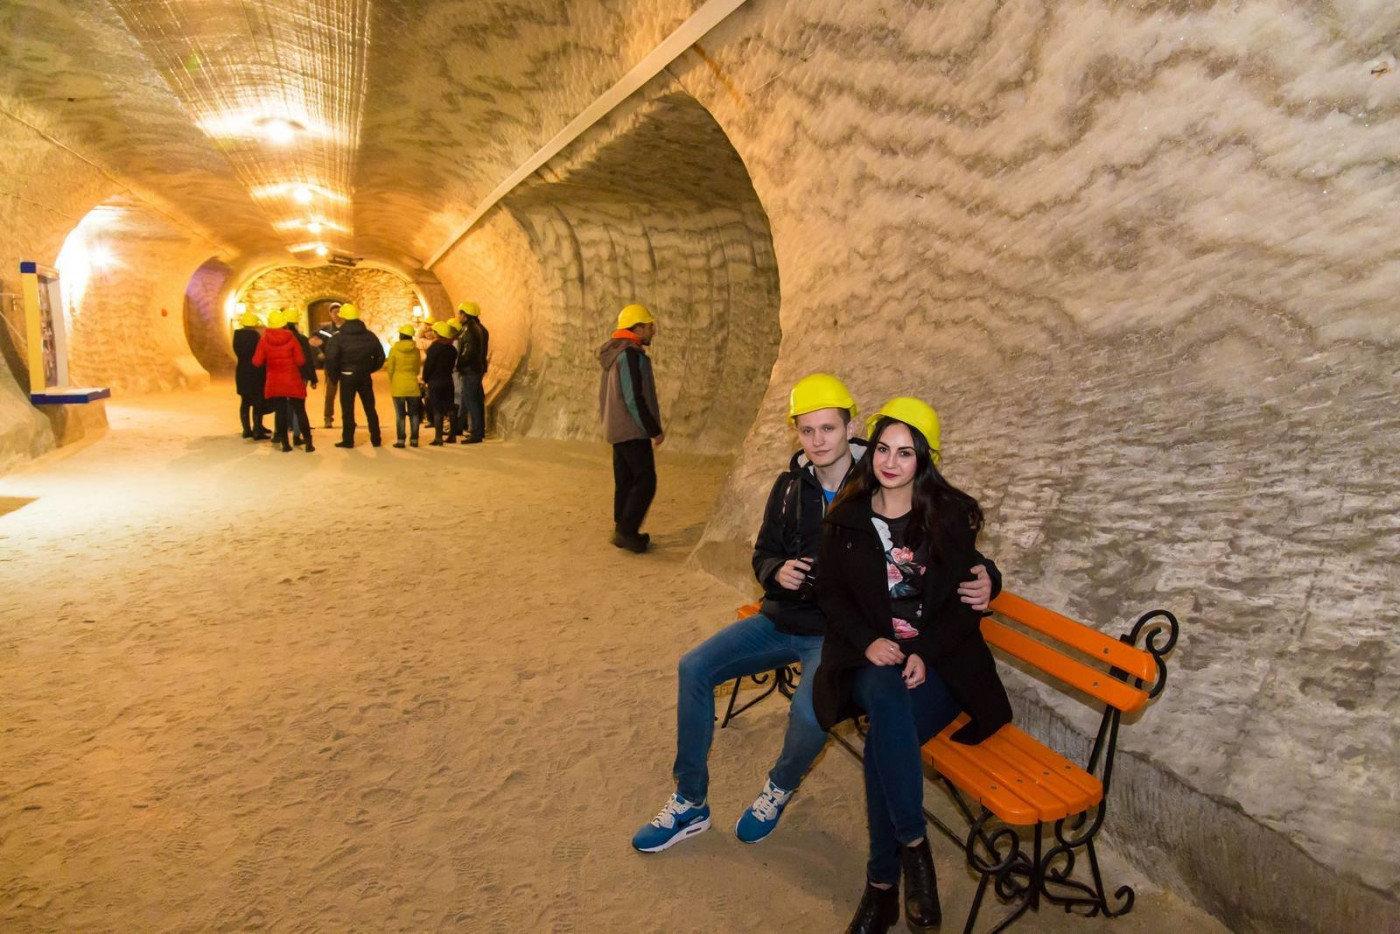 Екскурсія чи активний відпочинок. Куди поїхати на вихідні в Донецькій області, фото-2